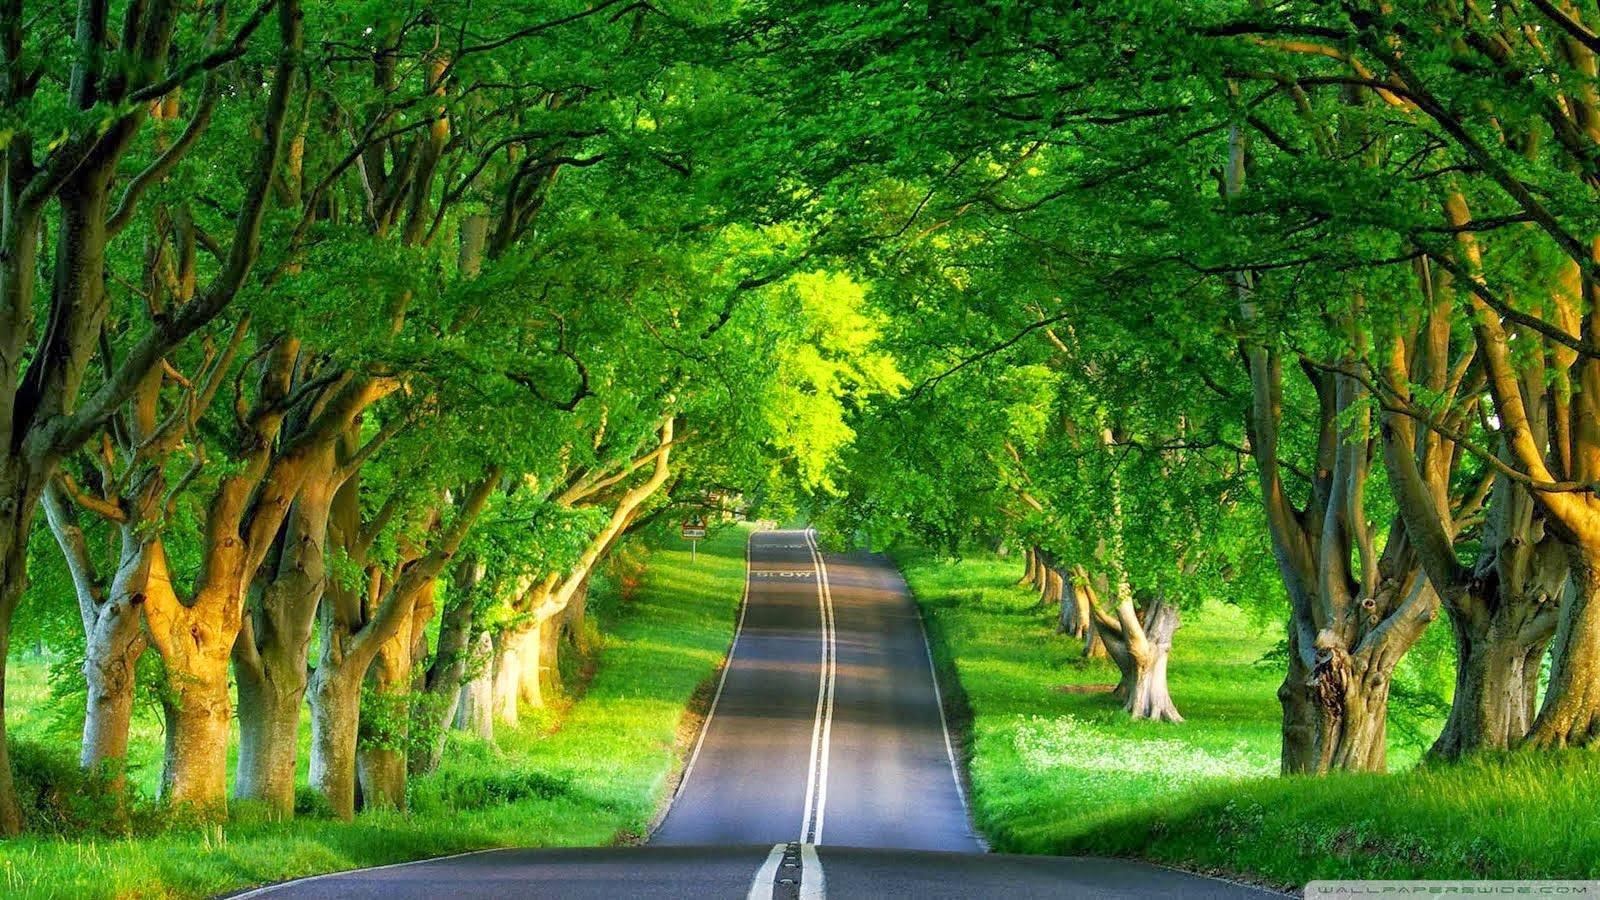 图片是树木之间的一条路